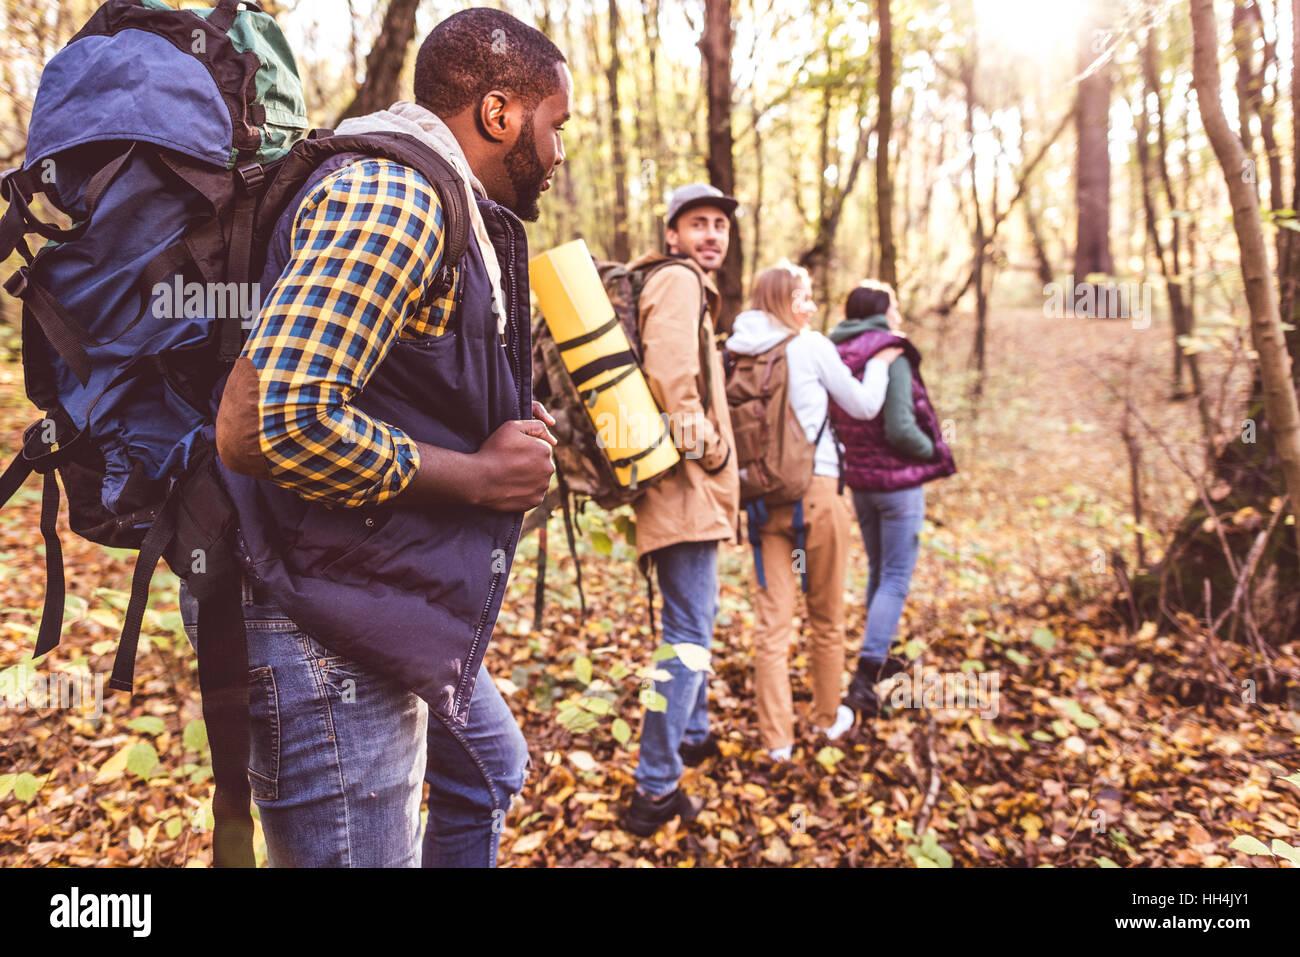 Quattro giovani backpackers camminando in fila nella foresta di autunno al tramonto Immagini Stock